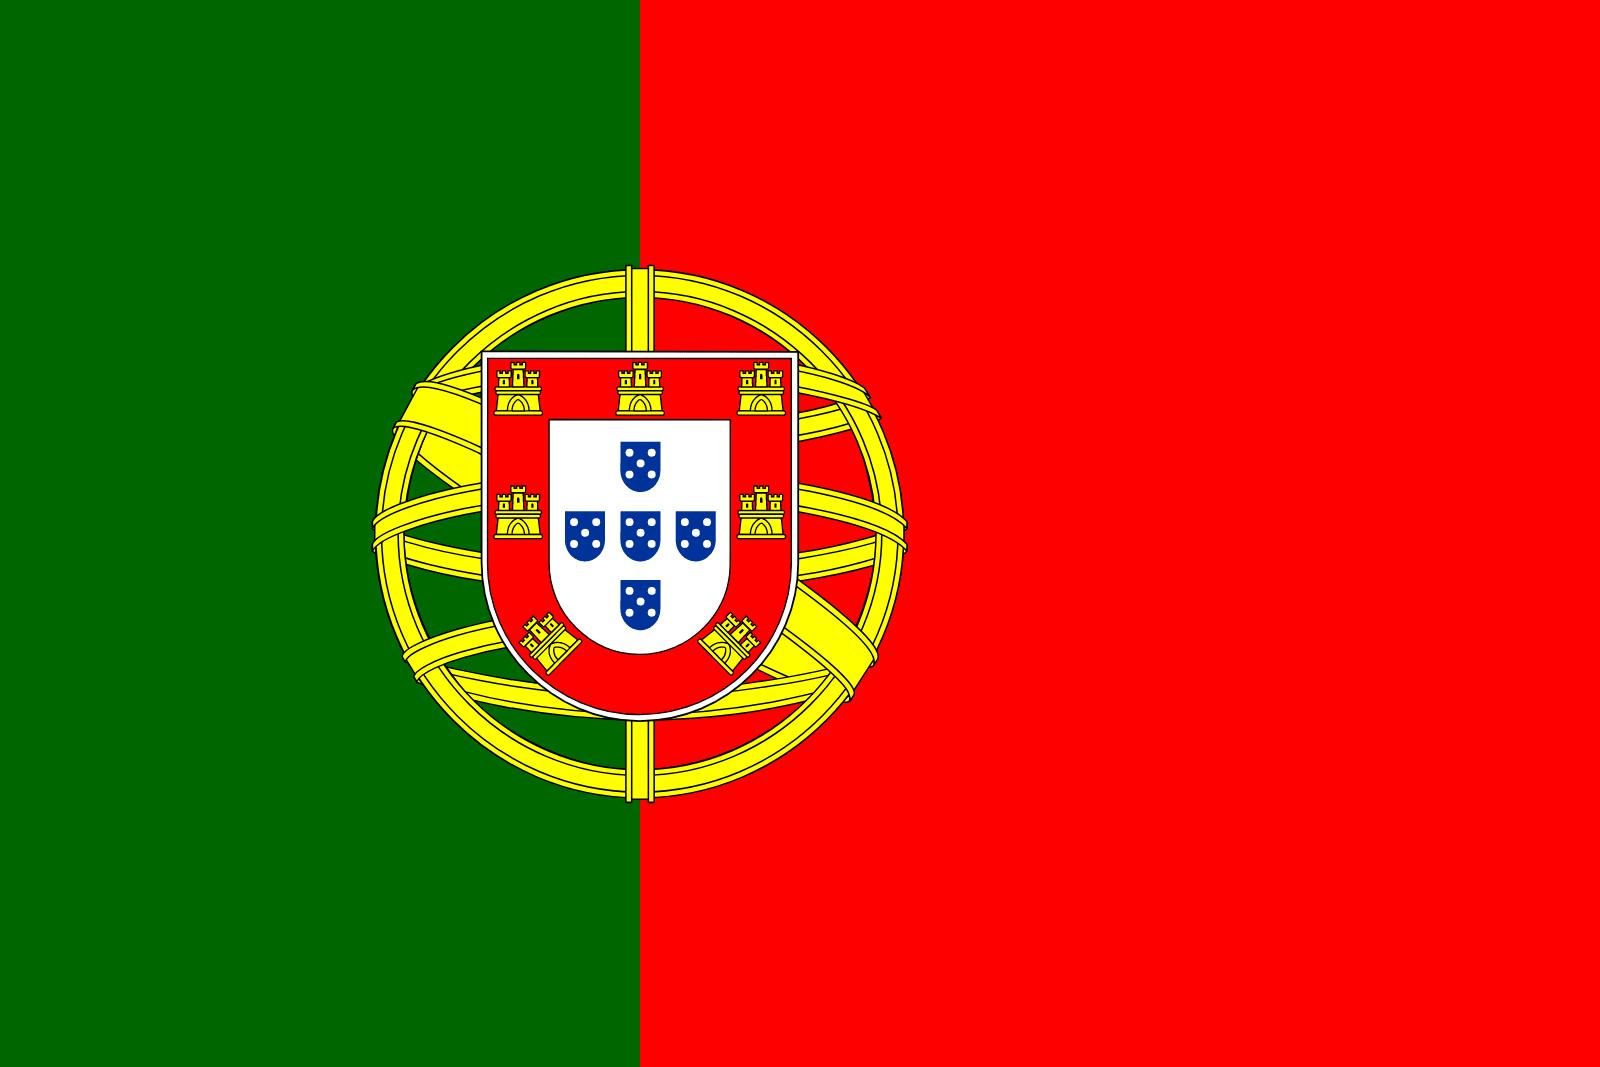 Portekiz'in Başkenti ve Para Birimi Nedir? Portekiz'in Bayrağı Nasıldır?